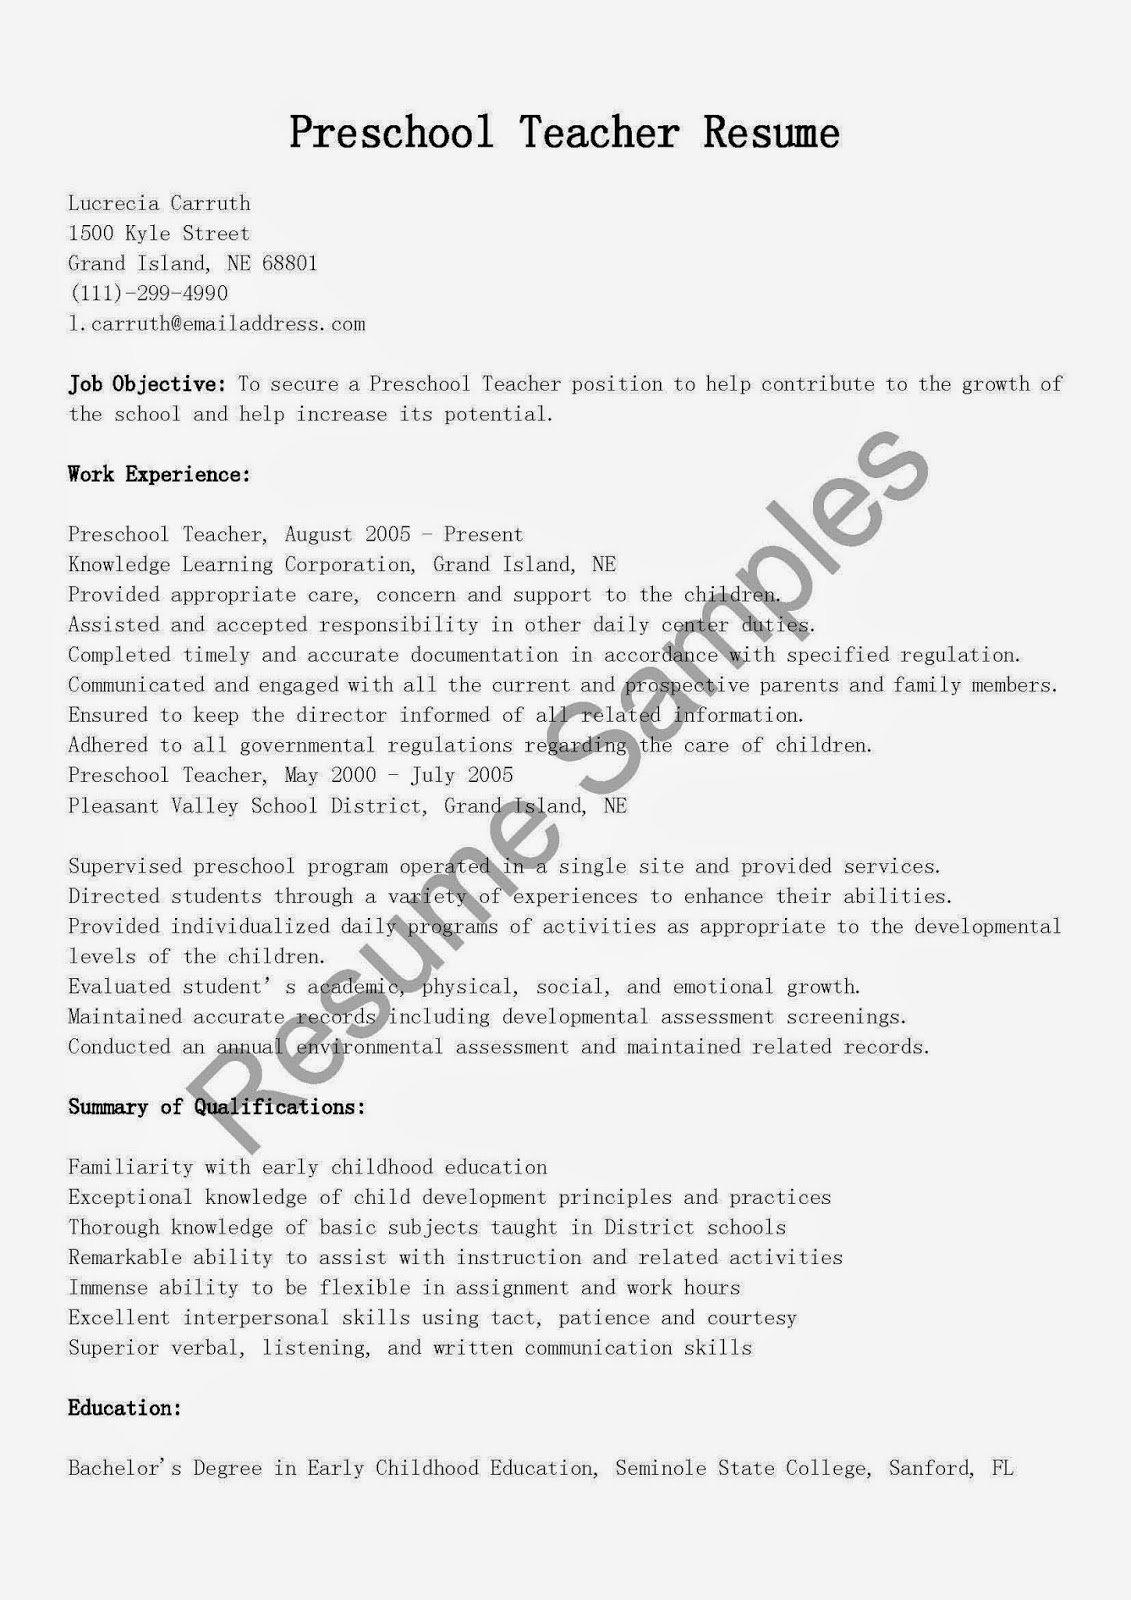 Resume Samples Preschool Teacher Resume Sample